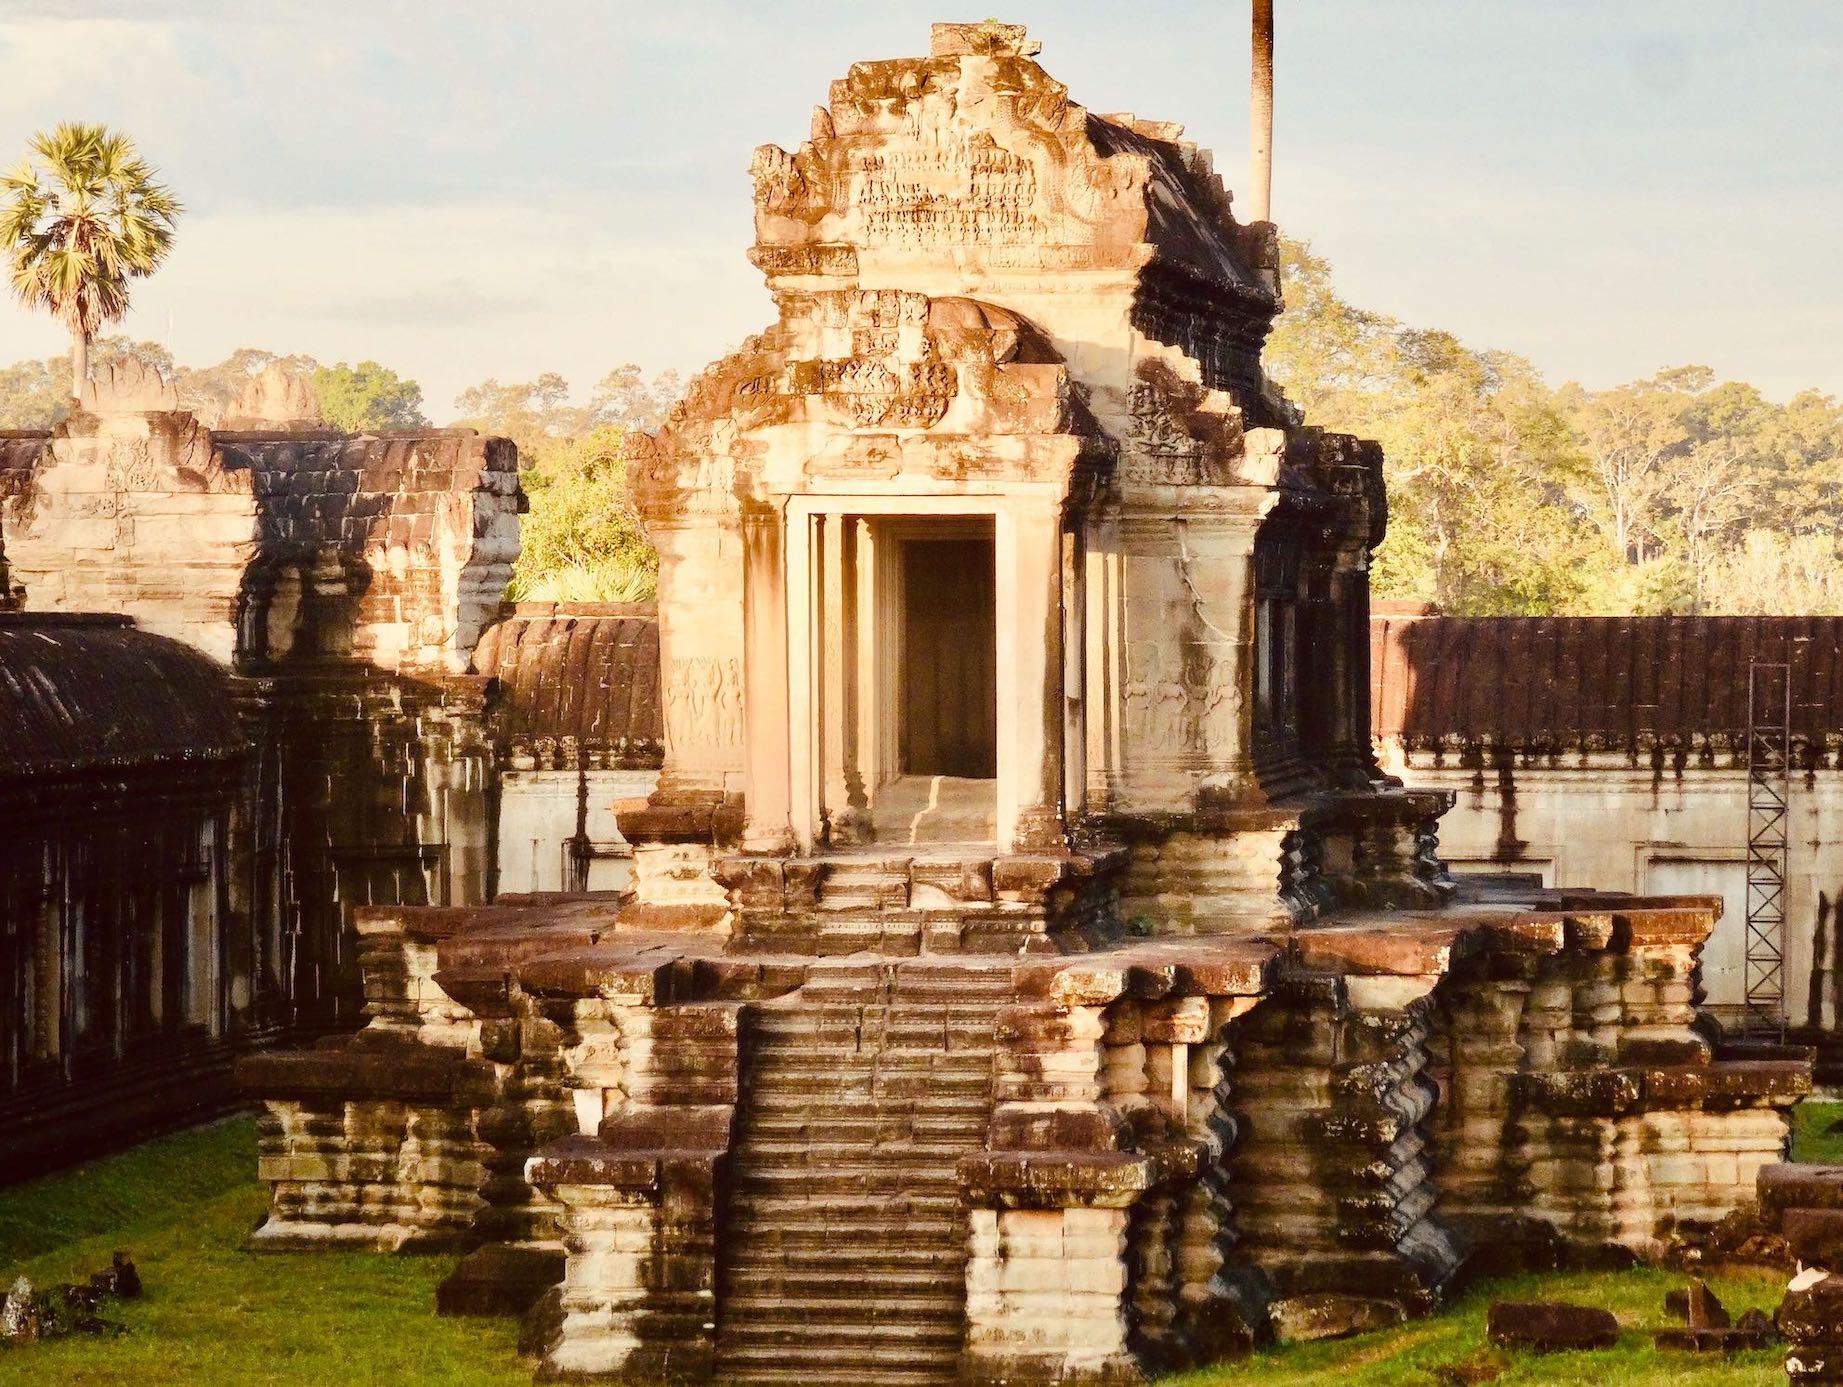 Visiting Angkor Wat.